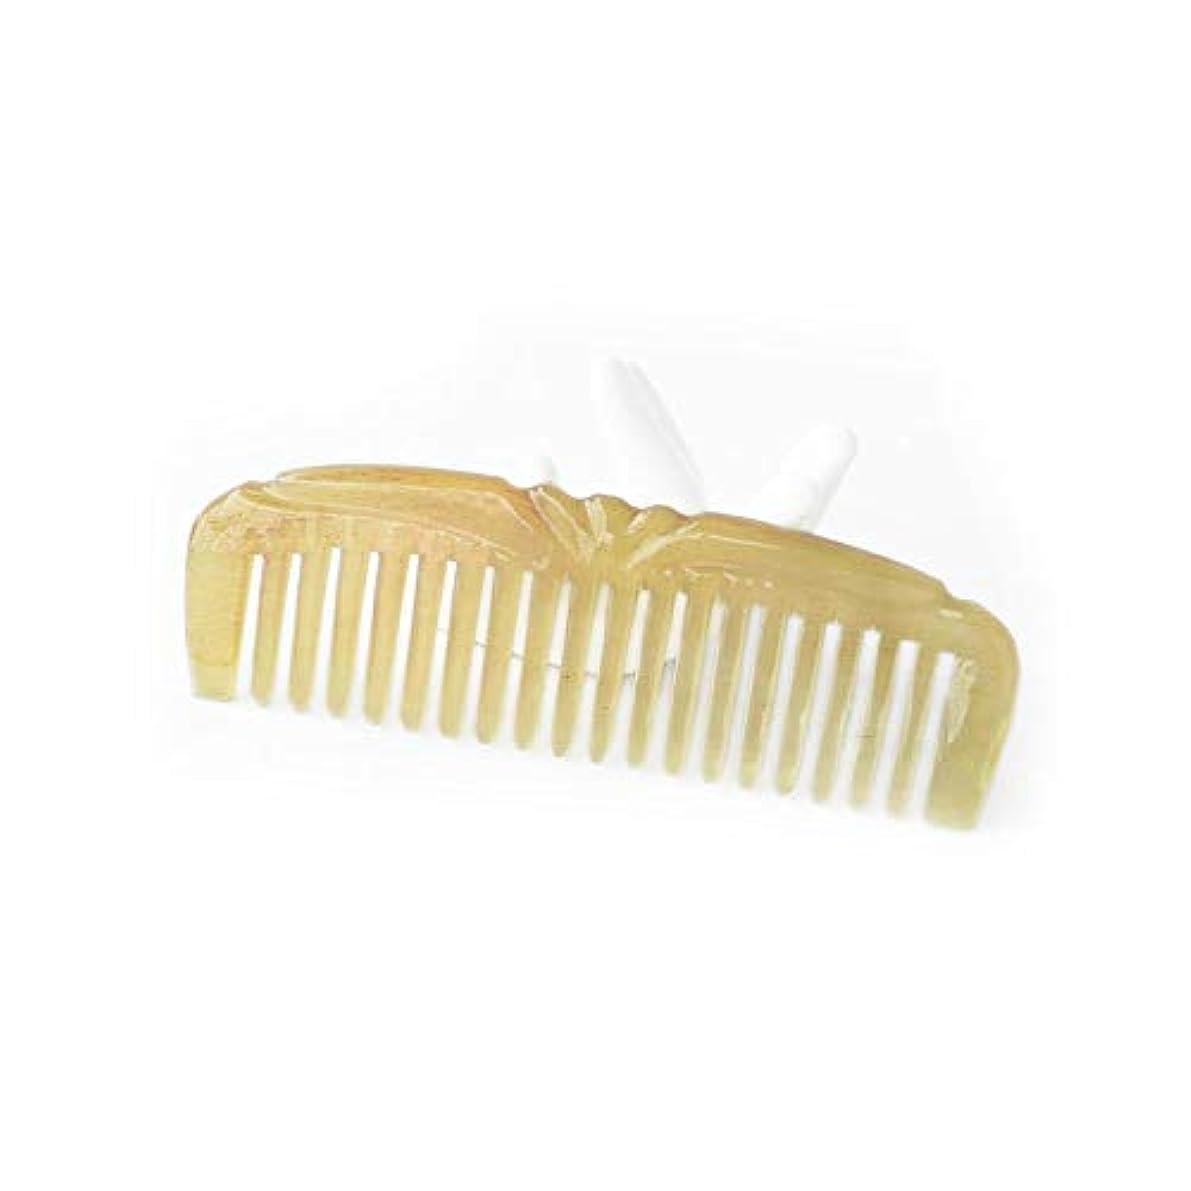 鋼年マリナーFashian手づくりナチュラルバッファローホーン櫛ムーンシェイプヘアブラシ(ワイド歯、歯ファイン) ヘアケア (色 : Fine tooth)